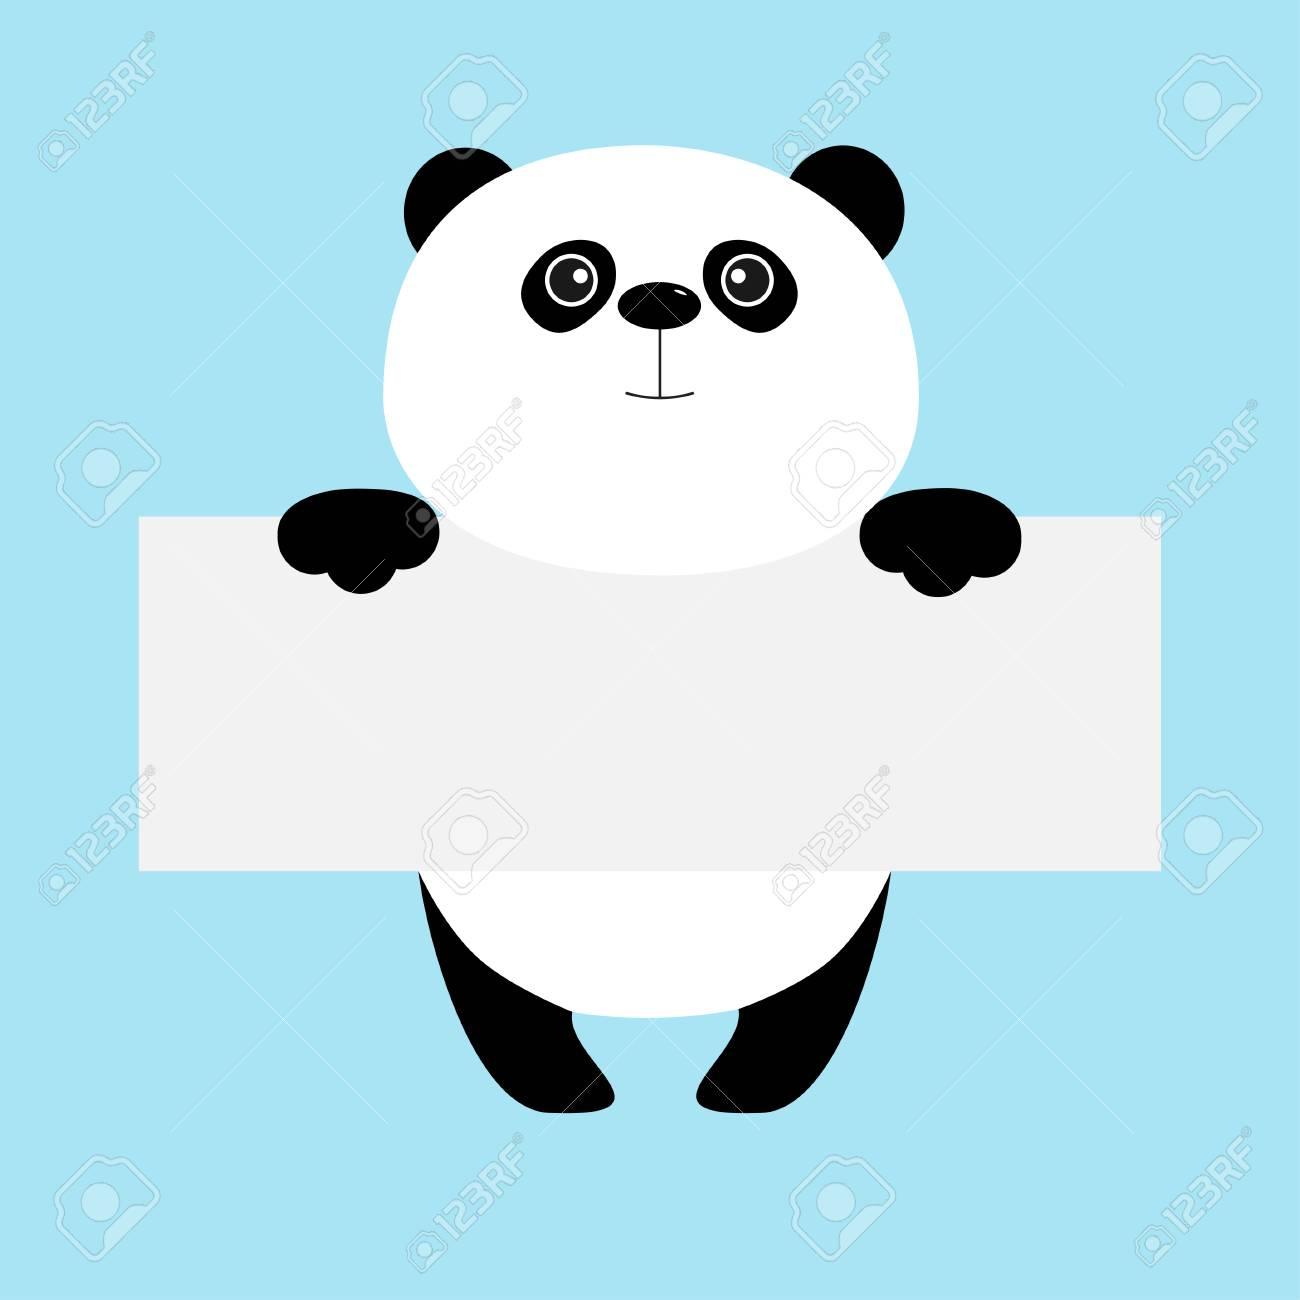 Ours Panda Drole Accroche Sur Le Modele De Carton Kawaii Corps Des